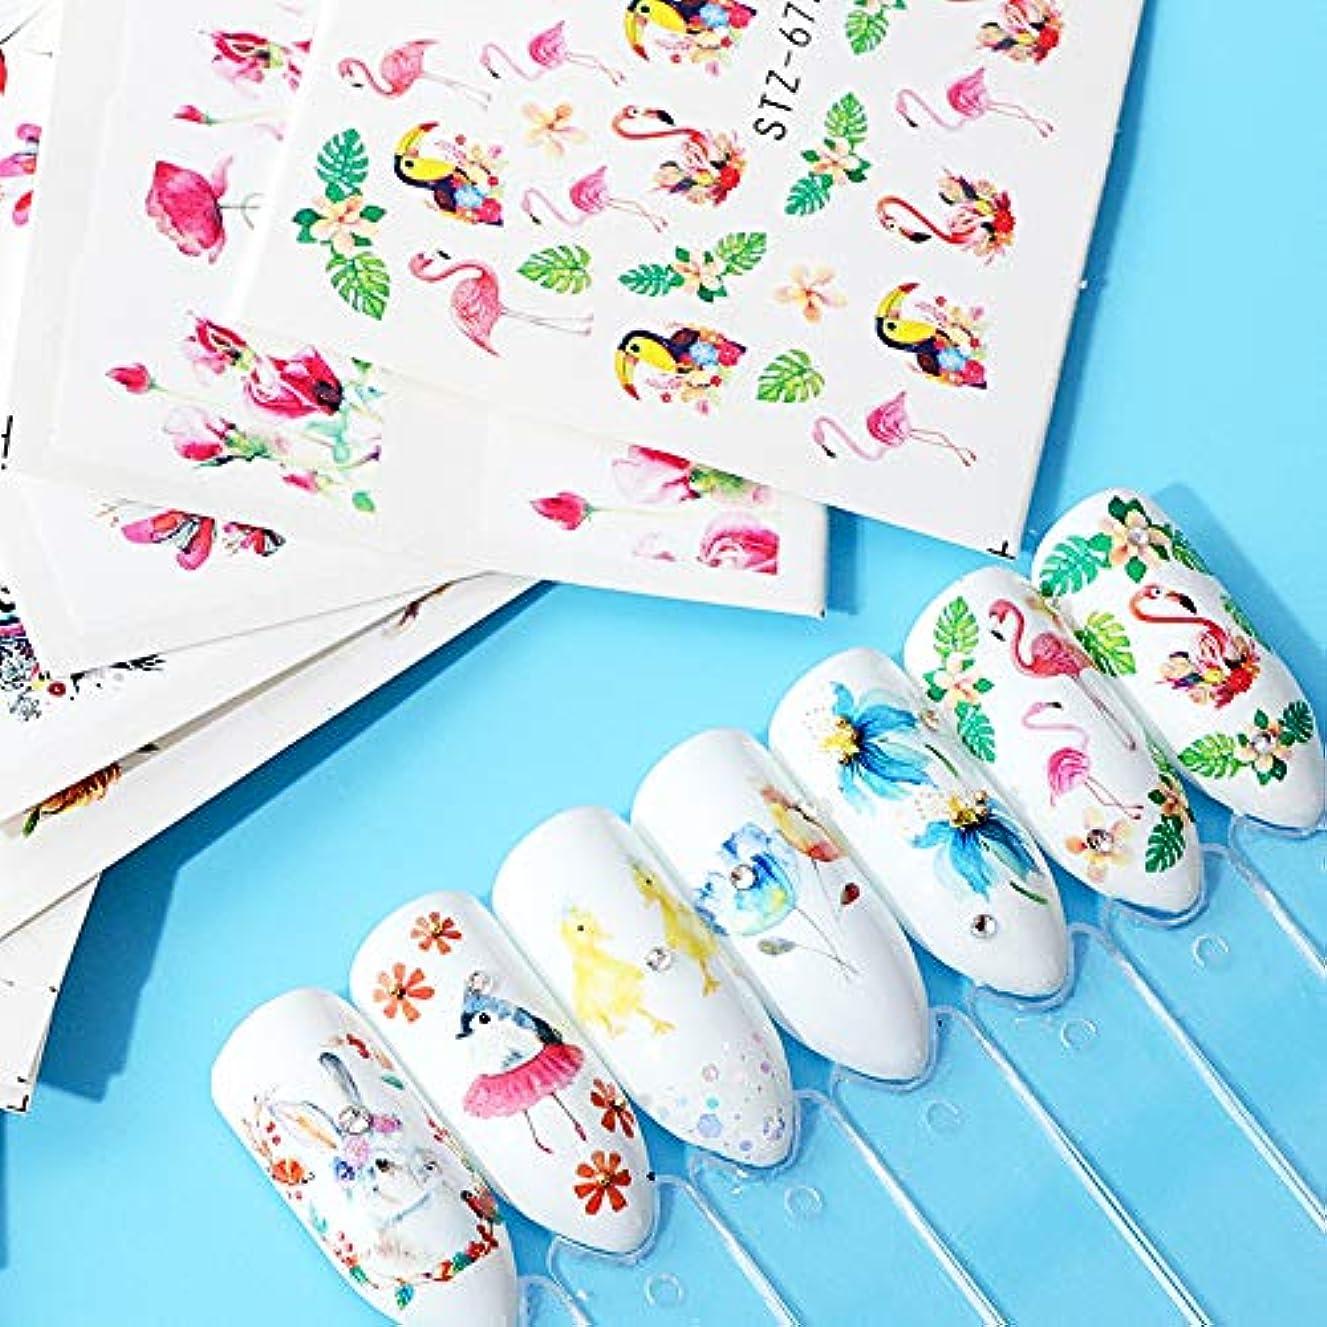 降雨彼女状SUKTI&XIAO ネイルステッカー 15ピースネイルアート水デカールステッカー熱帯の入れ墨スライダー動物花デザイン装飾マニキュア